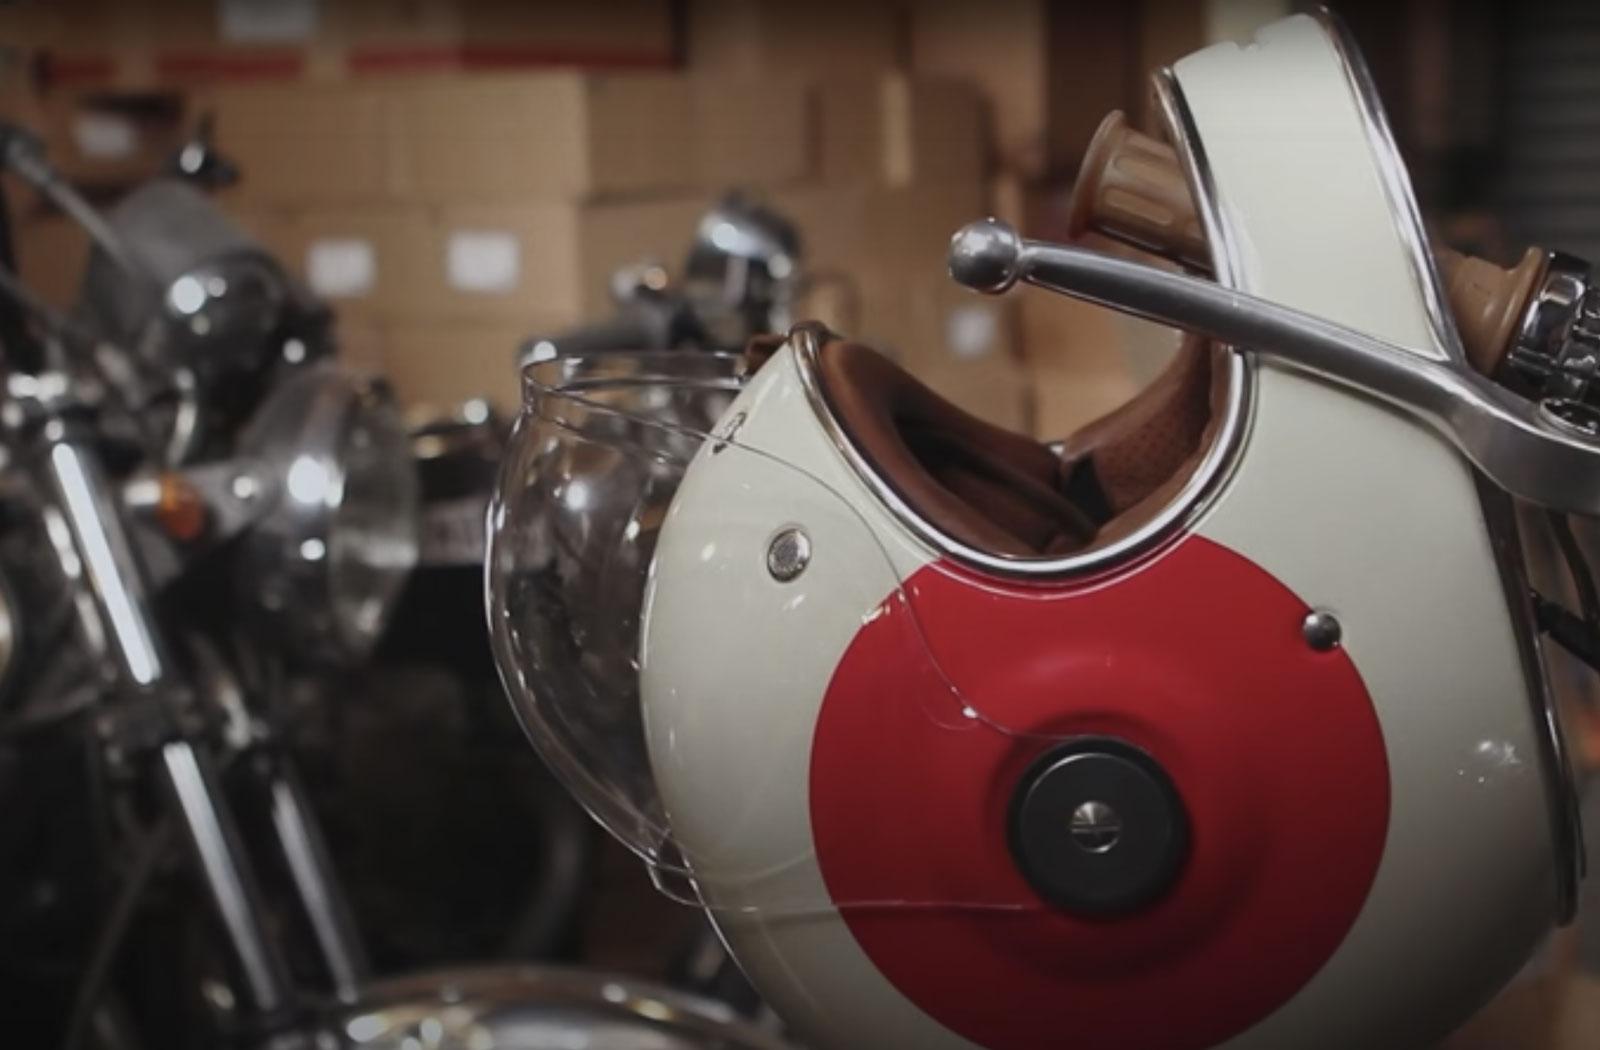 helmet resting on motorcycle